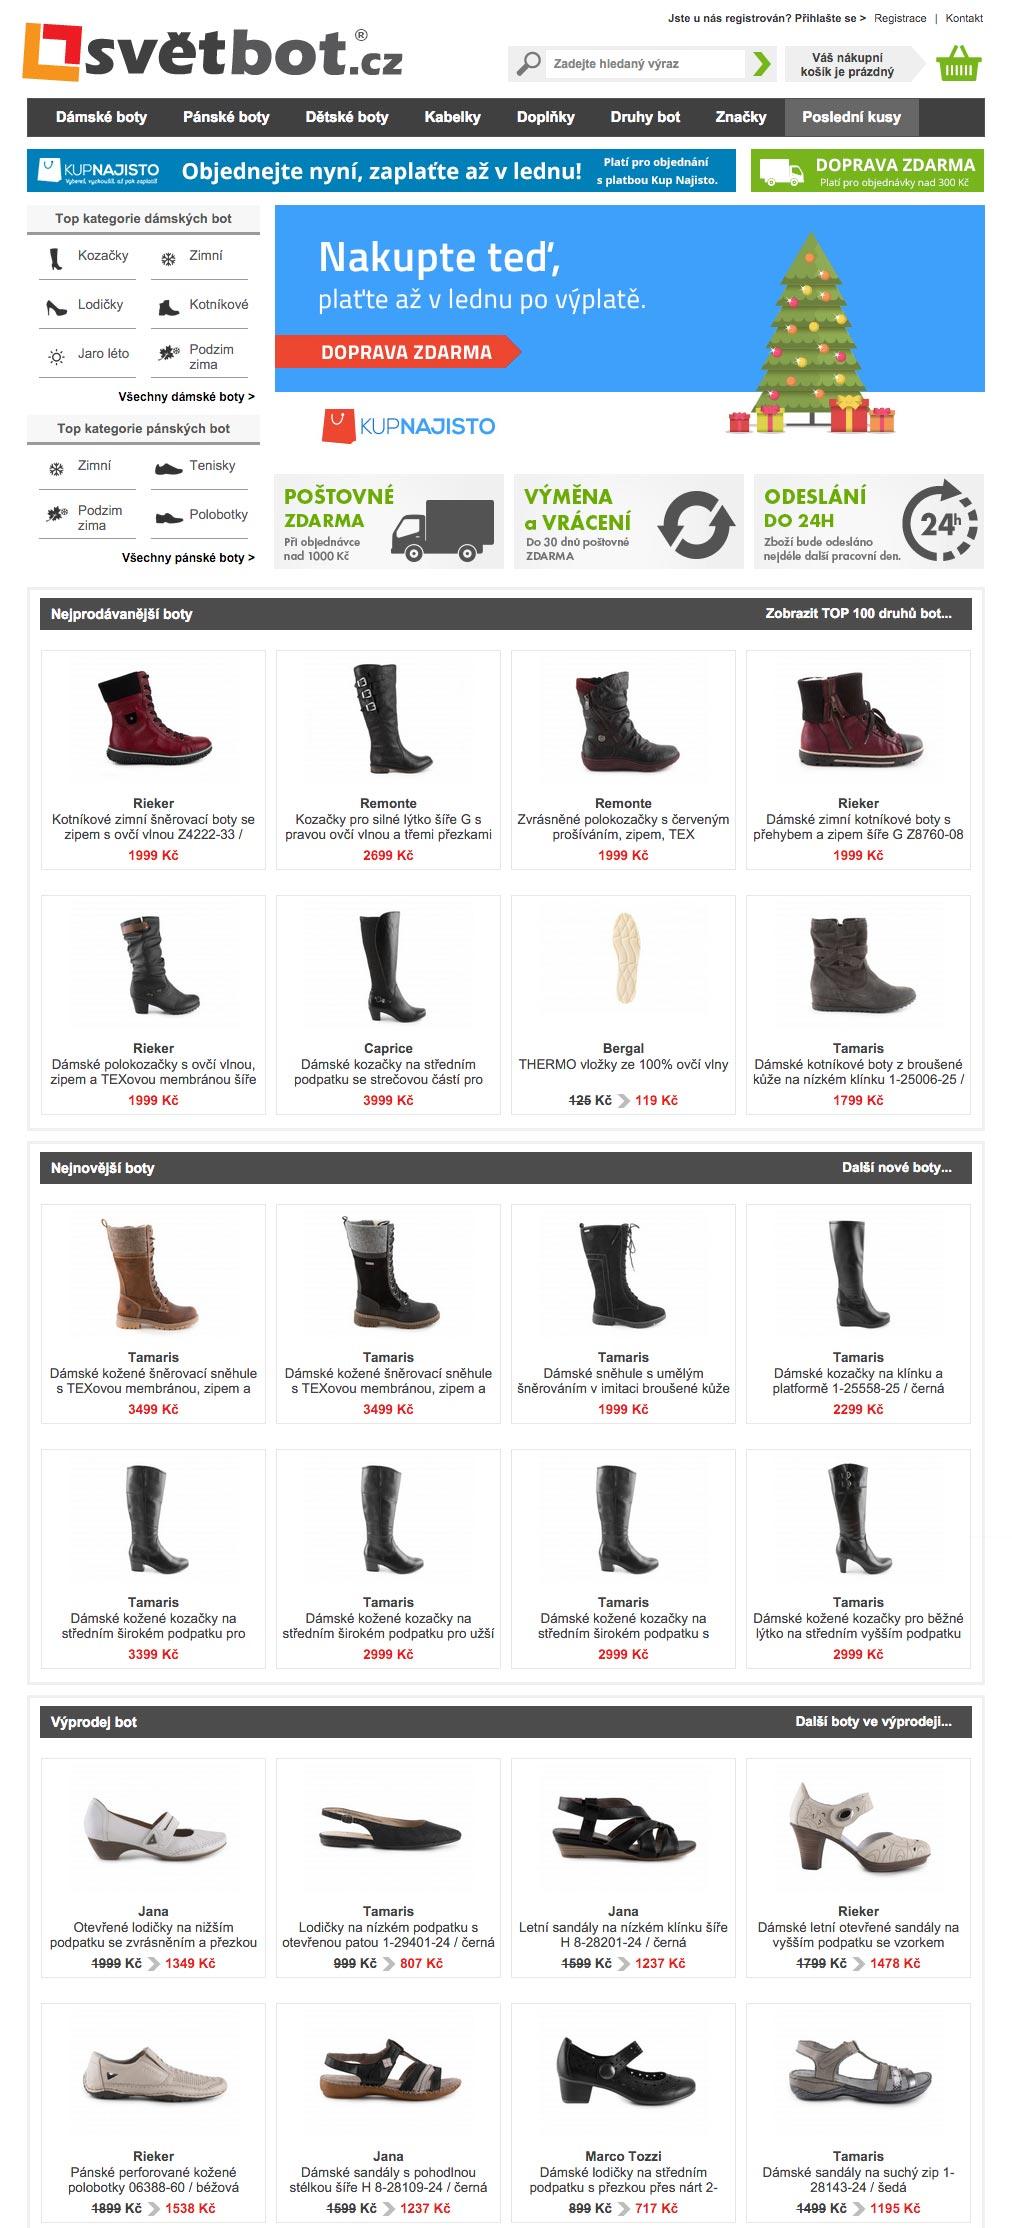 Světbot.cz je skvělé místo pro nákup dámské, pánské a dětské obuvi i dalších módních doplňků.